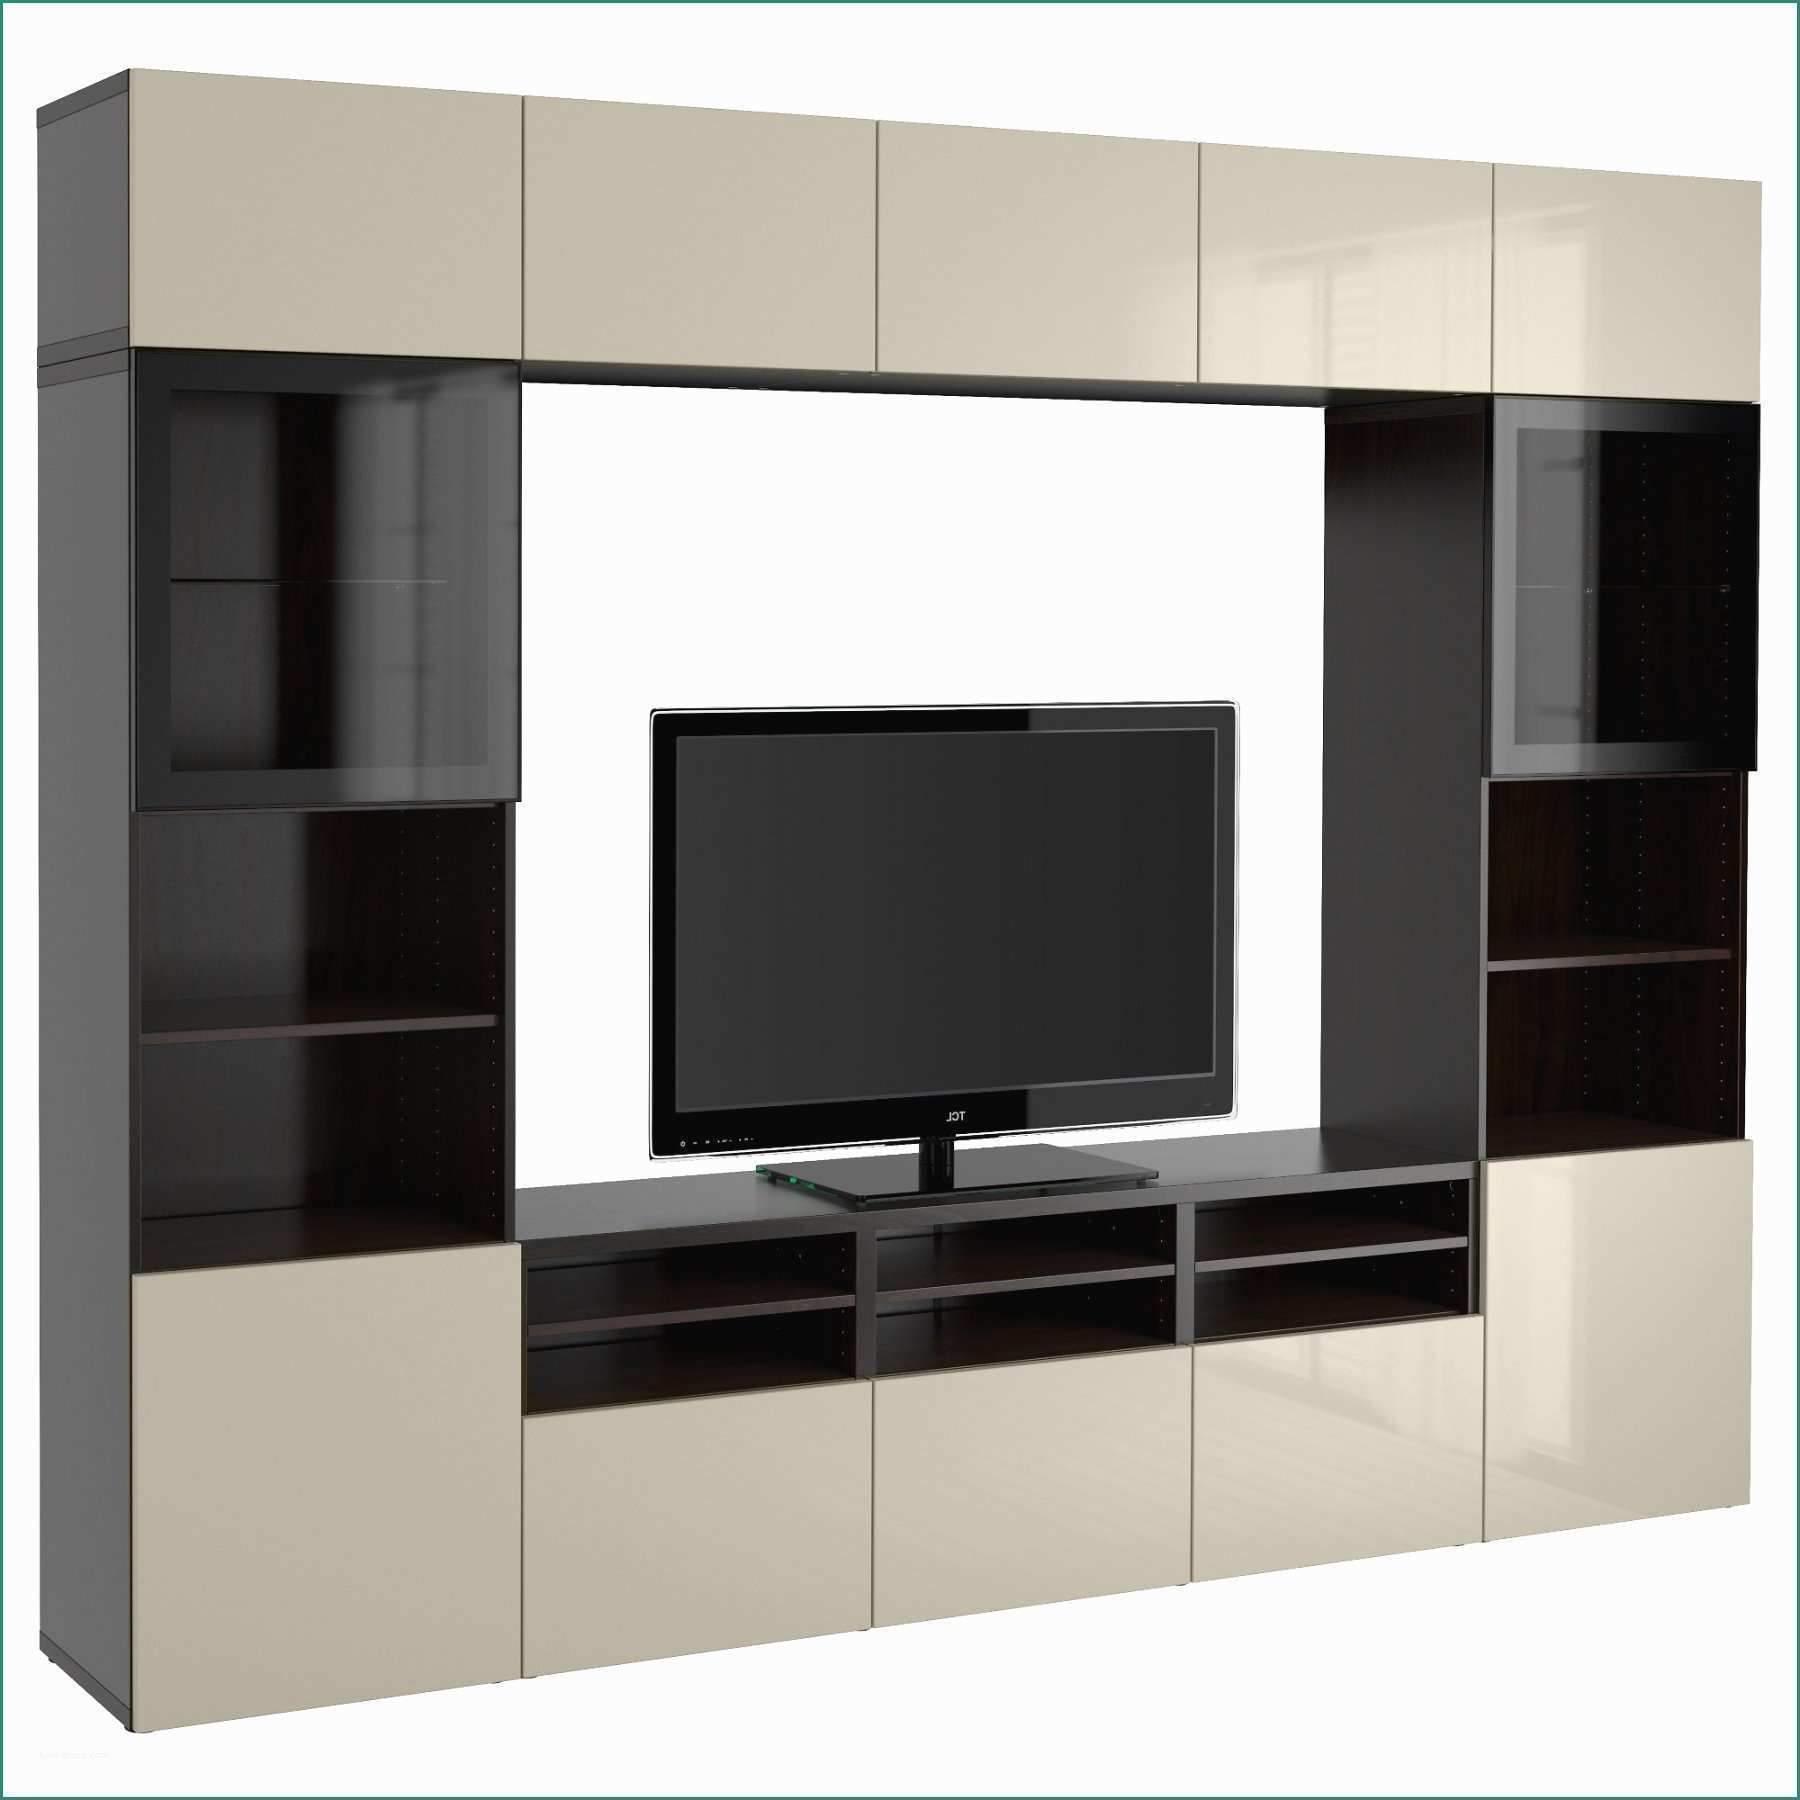 Full Size of Ikea Led Panel Besta Wohnzimmer Inspirierend Planner Soggiorno E Küche Kaufen Bad Spiegelschrank Sofa Kunstleder Lampen Deckenleuchte Grau Leder Mit Wohnzimmer Ikea Led Panel